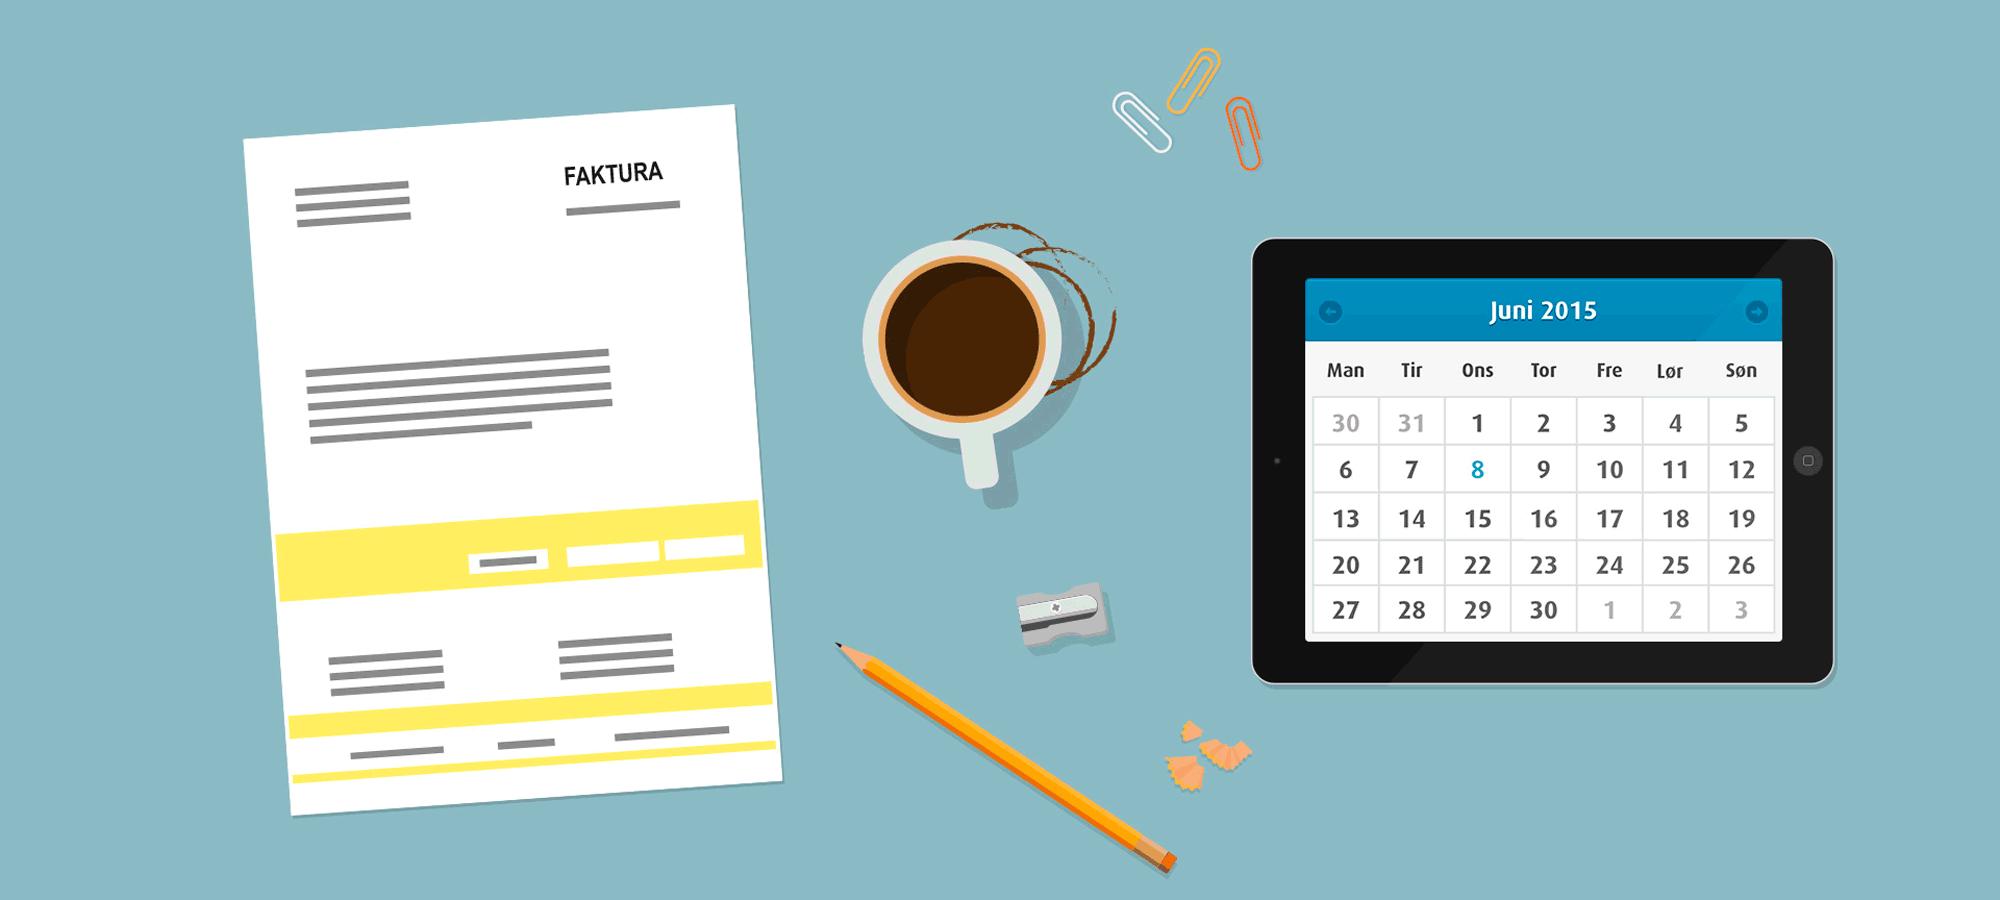 Faktura og kalender